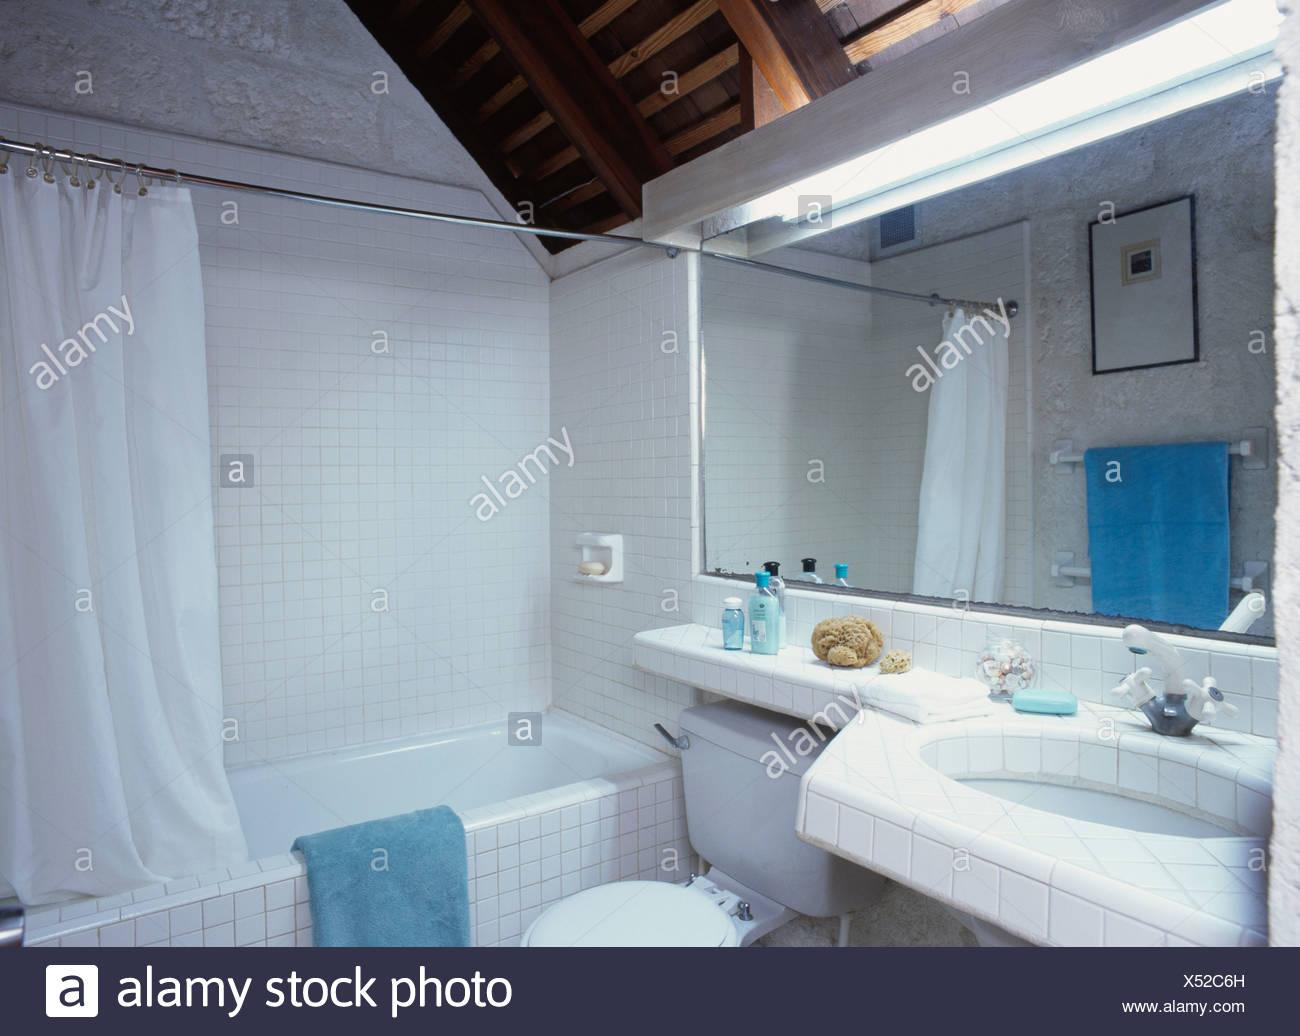 Indirekte Beleuchtung Und Rechteckigen Spiegel über Dem Waschbecken